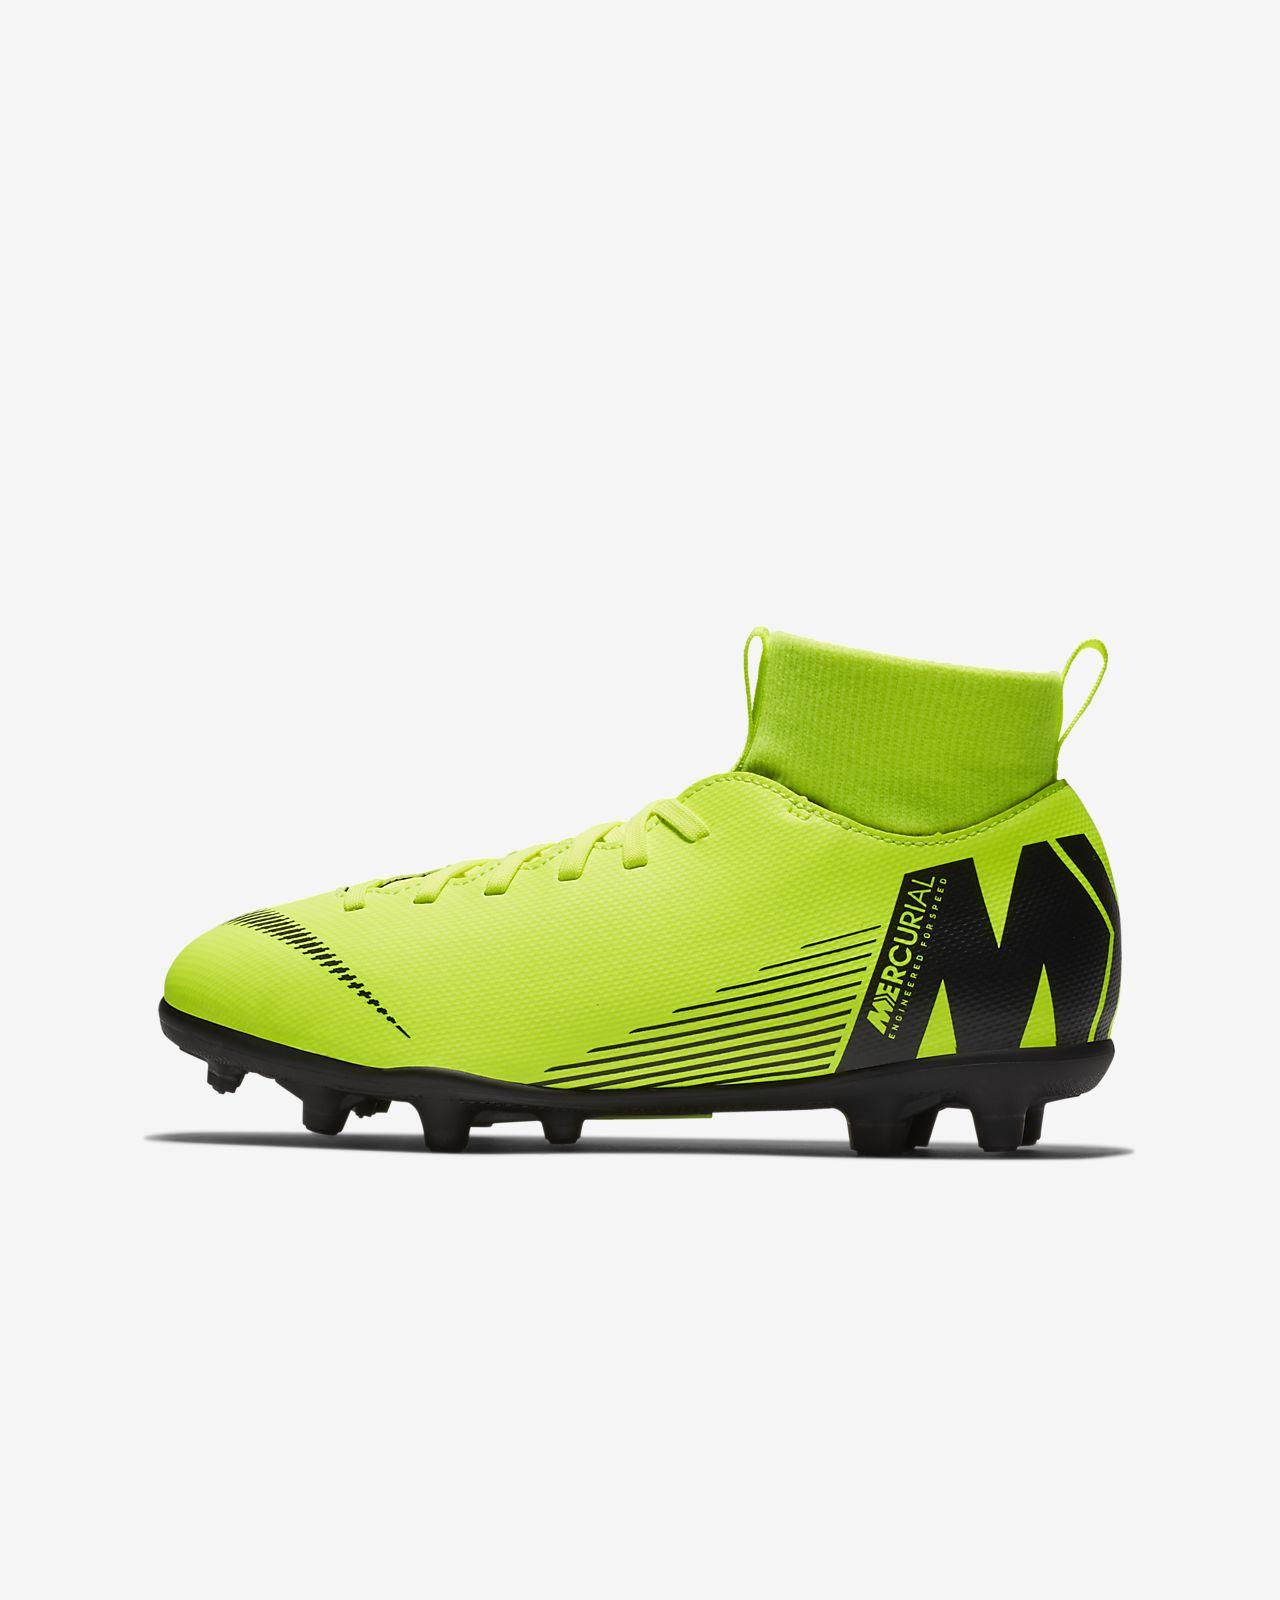 e430c2632ec59 ... Nike Jr. Mercurial Superfly VI Club Botes de futbol per a terrenys  diversos - Nen